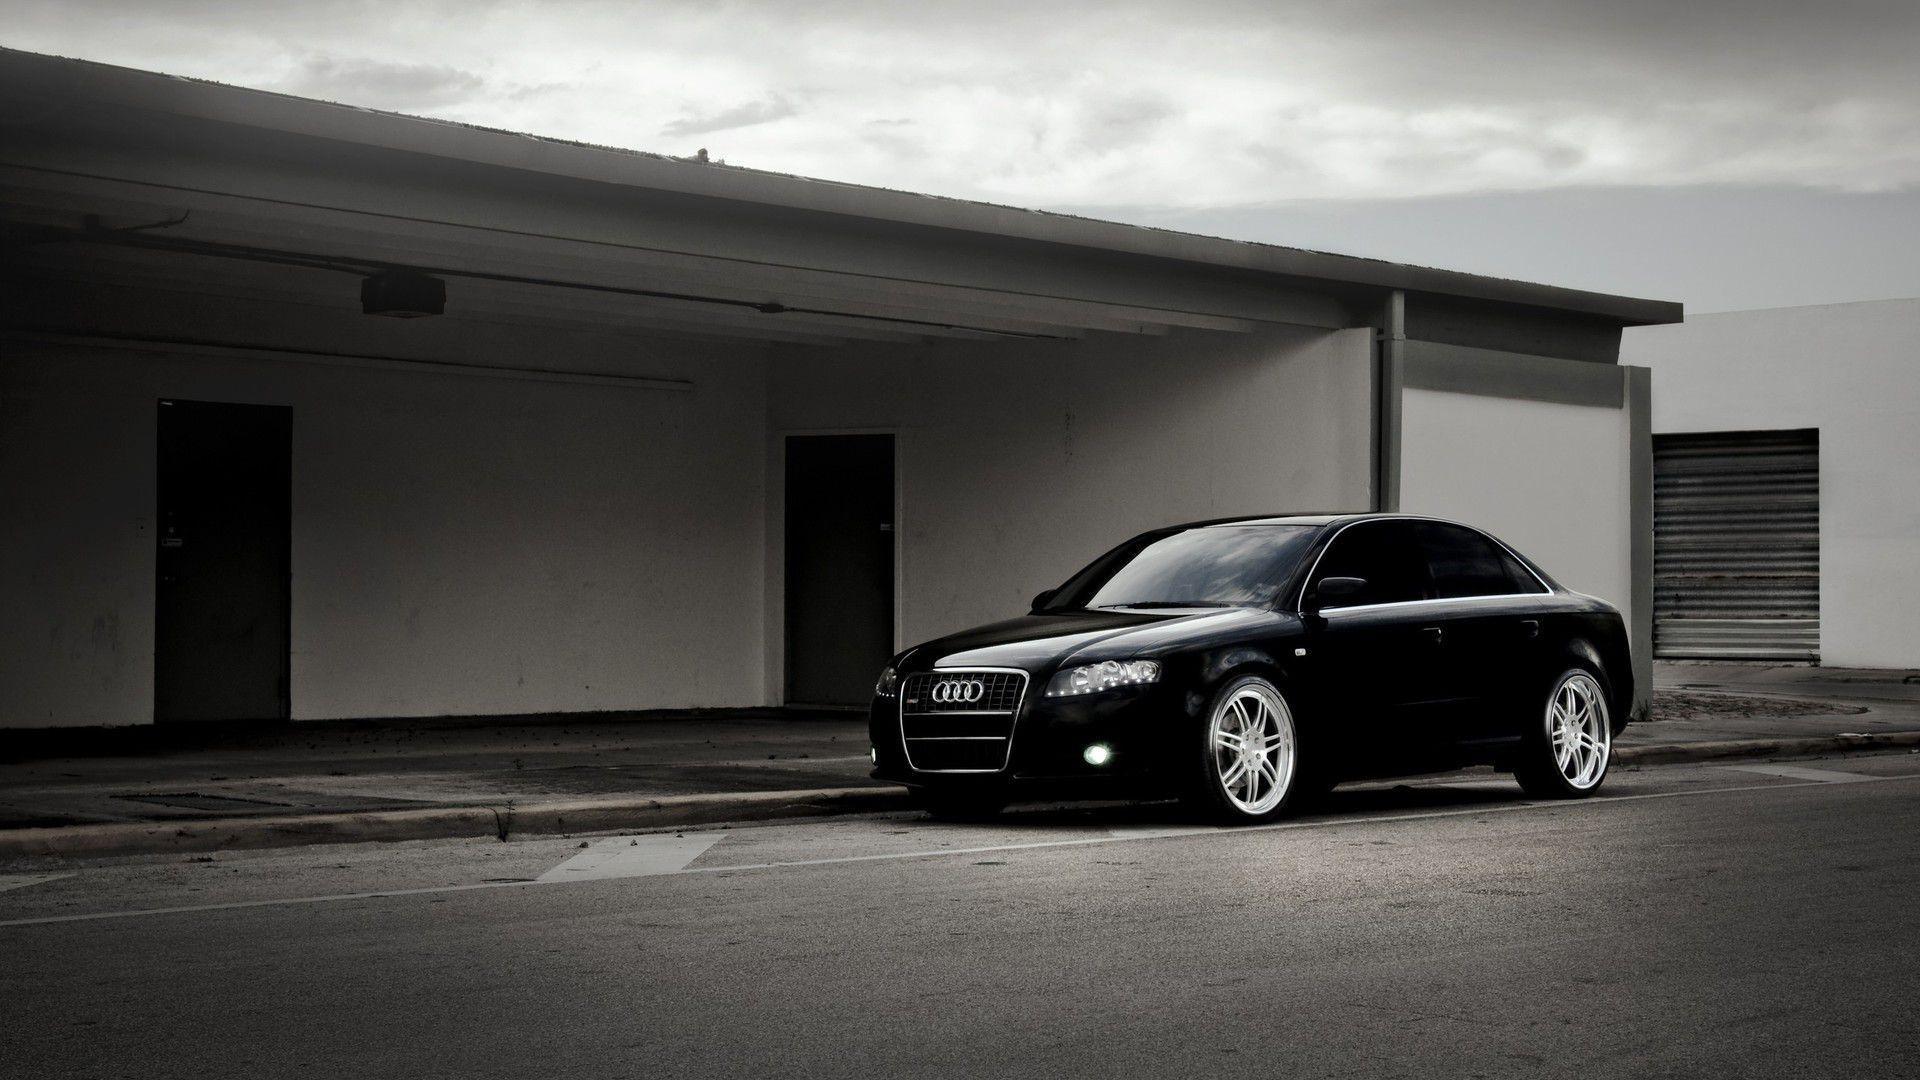 Audi A4 HQ